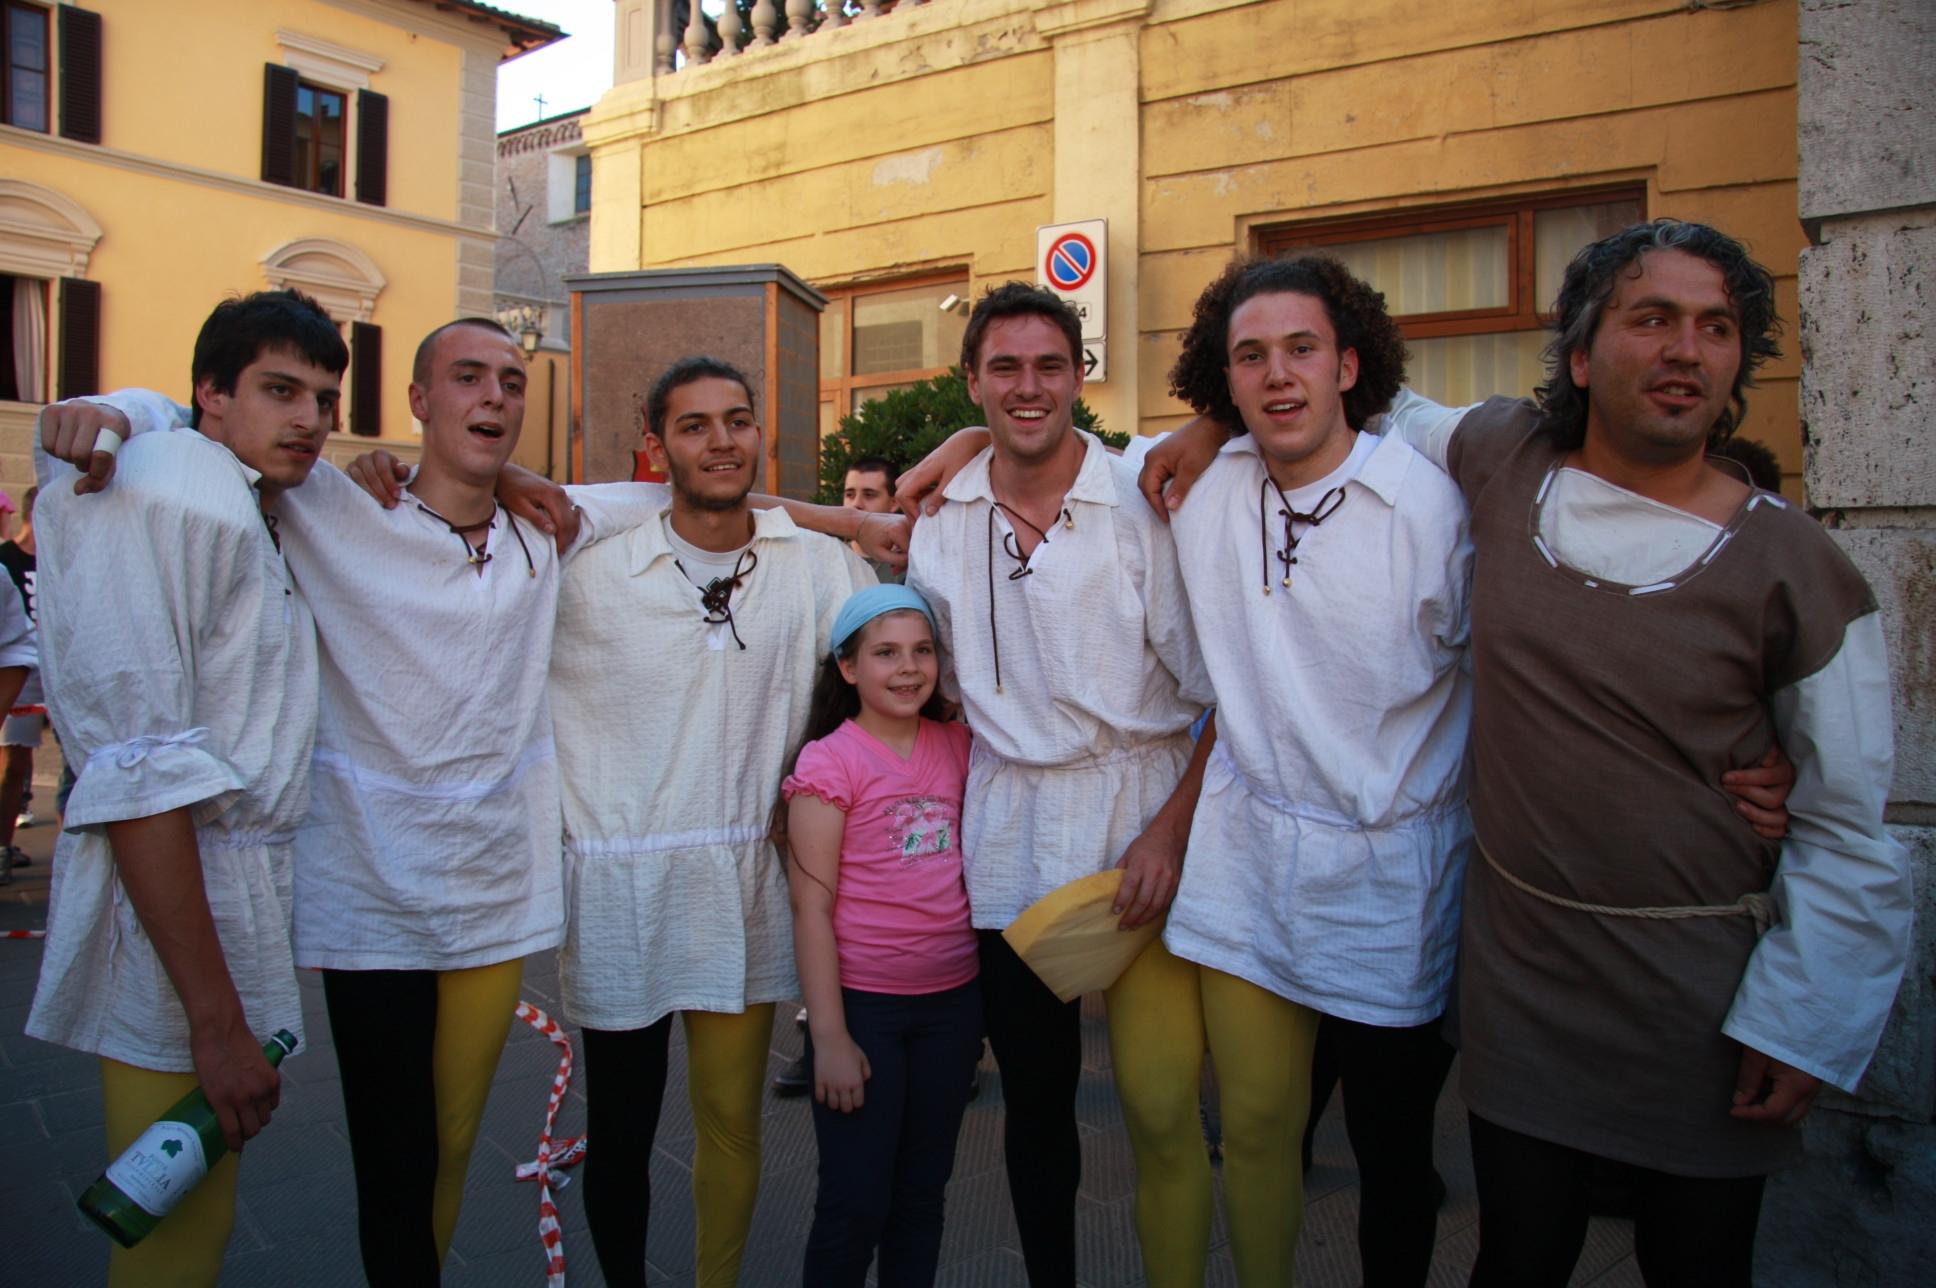 Santa Maria vince il Palio delle Torri a Chiusi